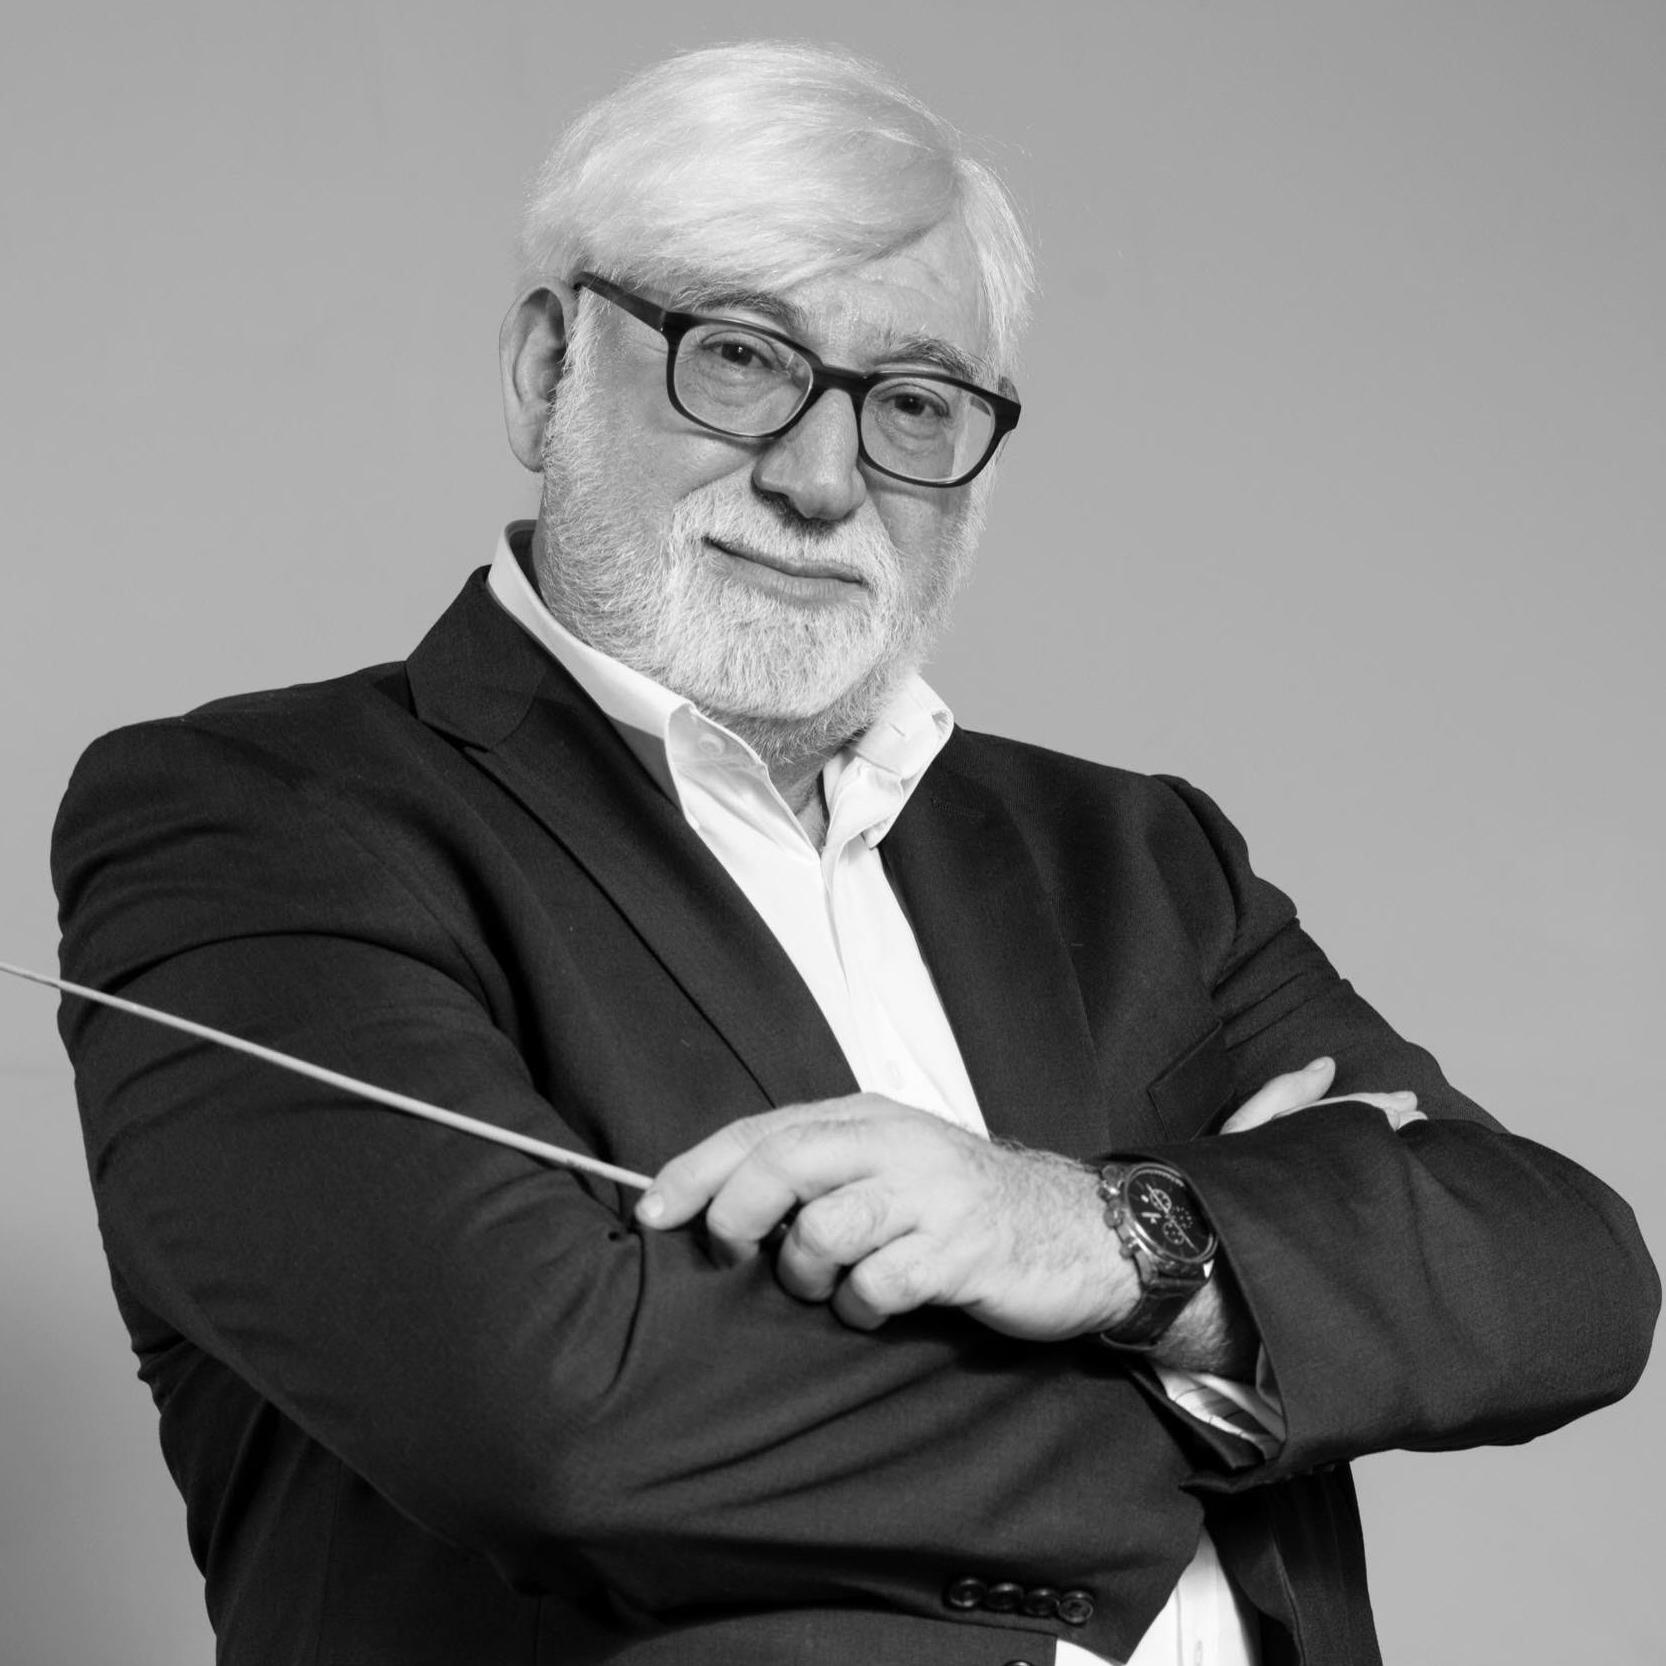 Philip Nuzzo